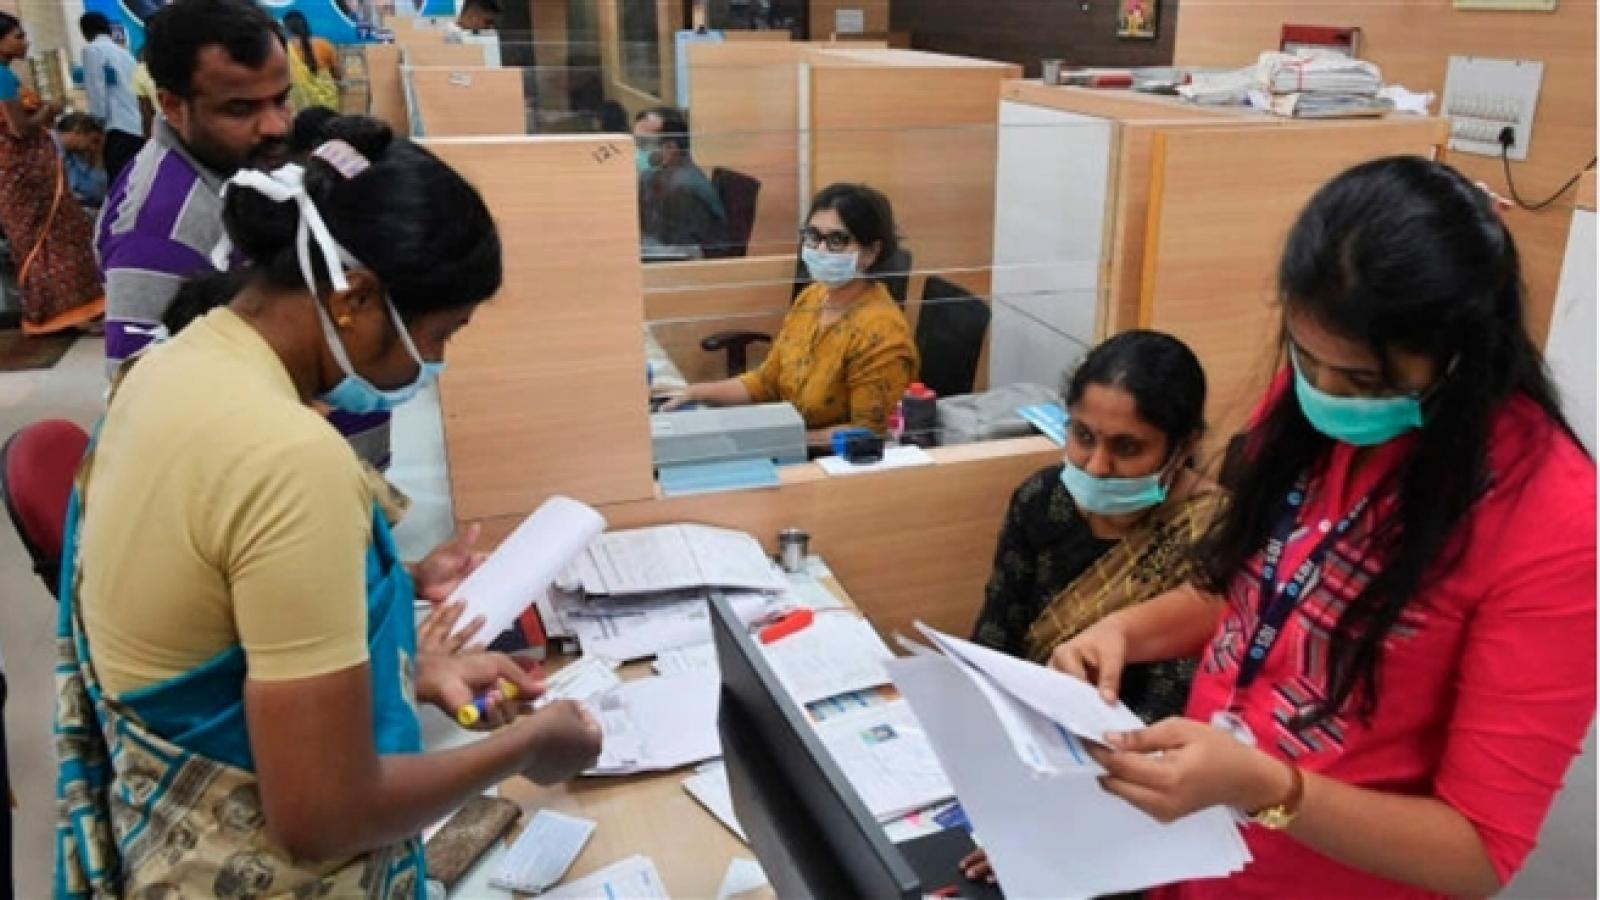 Các ngân hàng quốc tế đang rút dần khỏi Ấn Độ